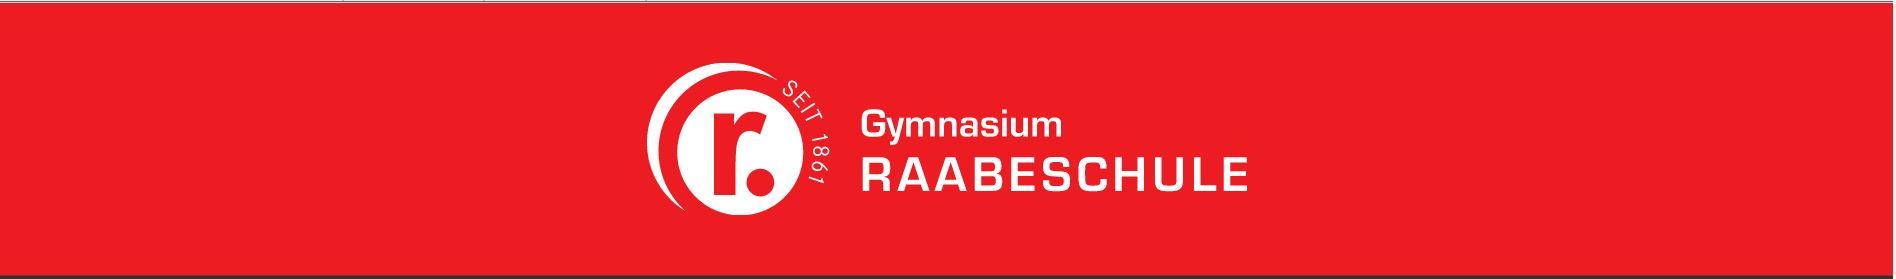 Raabe-Schule